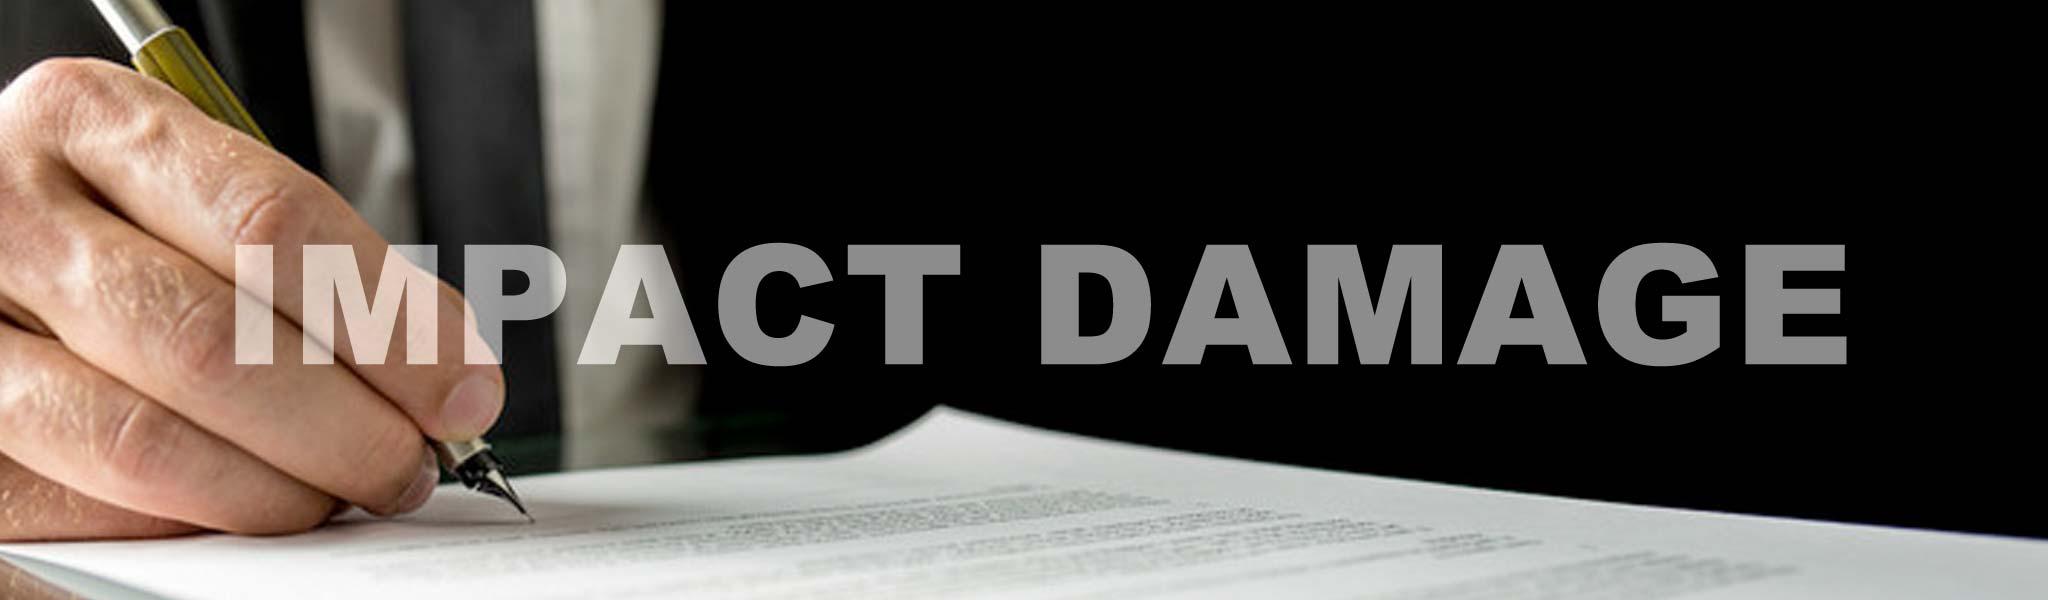 Impact Damage Claims